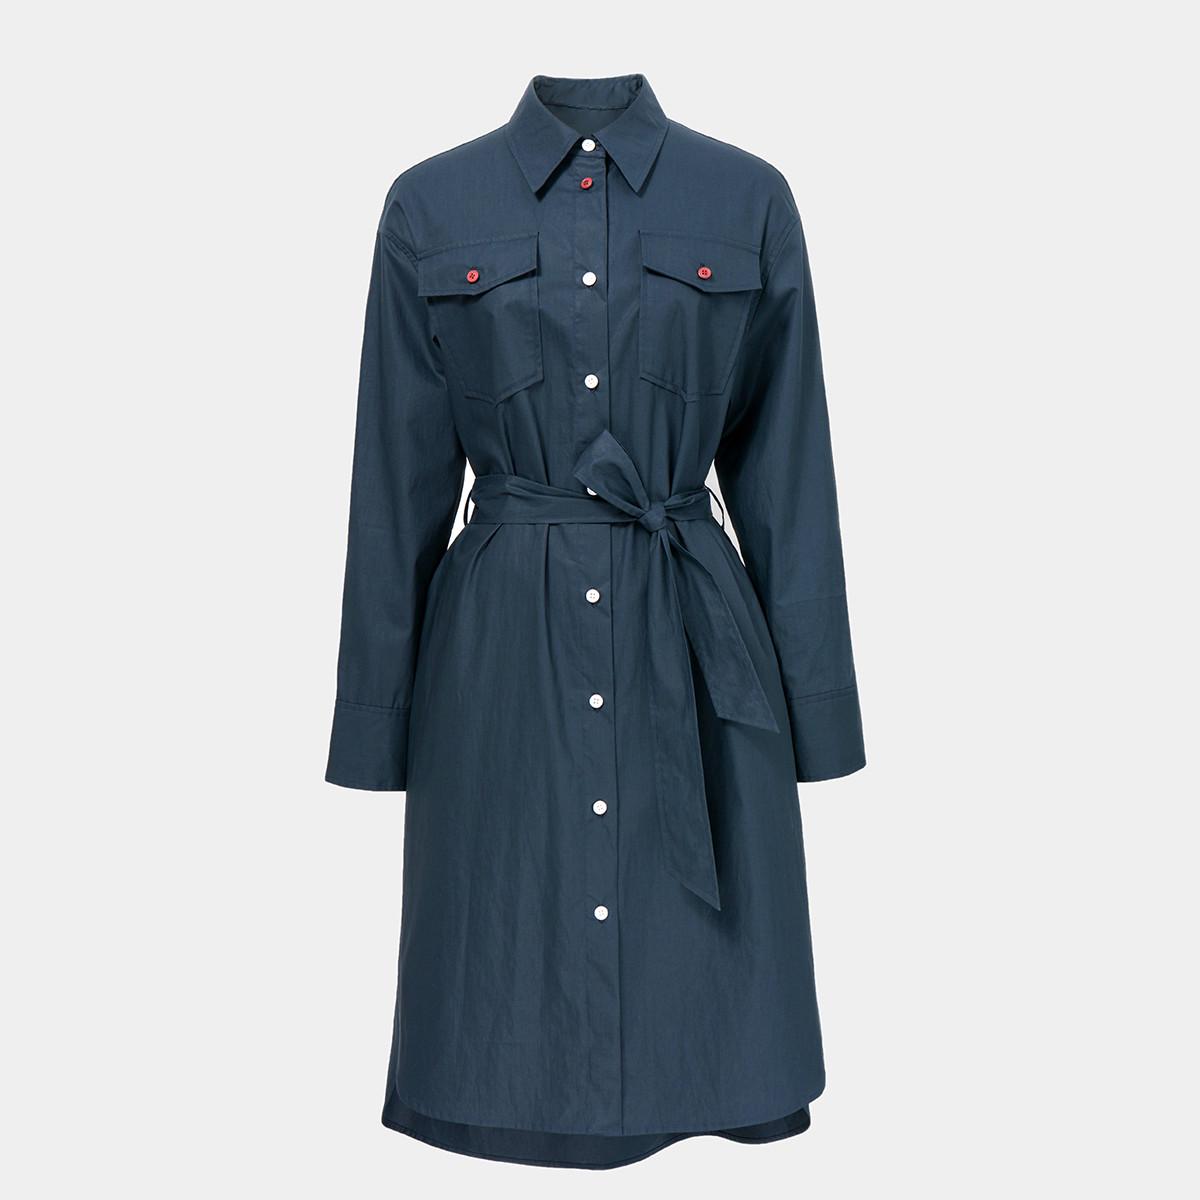 28日10点: Eifini 伊芙丽 1A7999251 女款休闲连衣裙